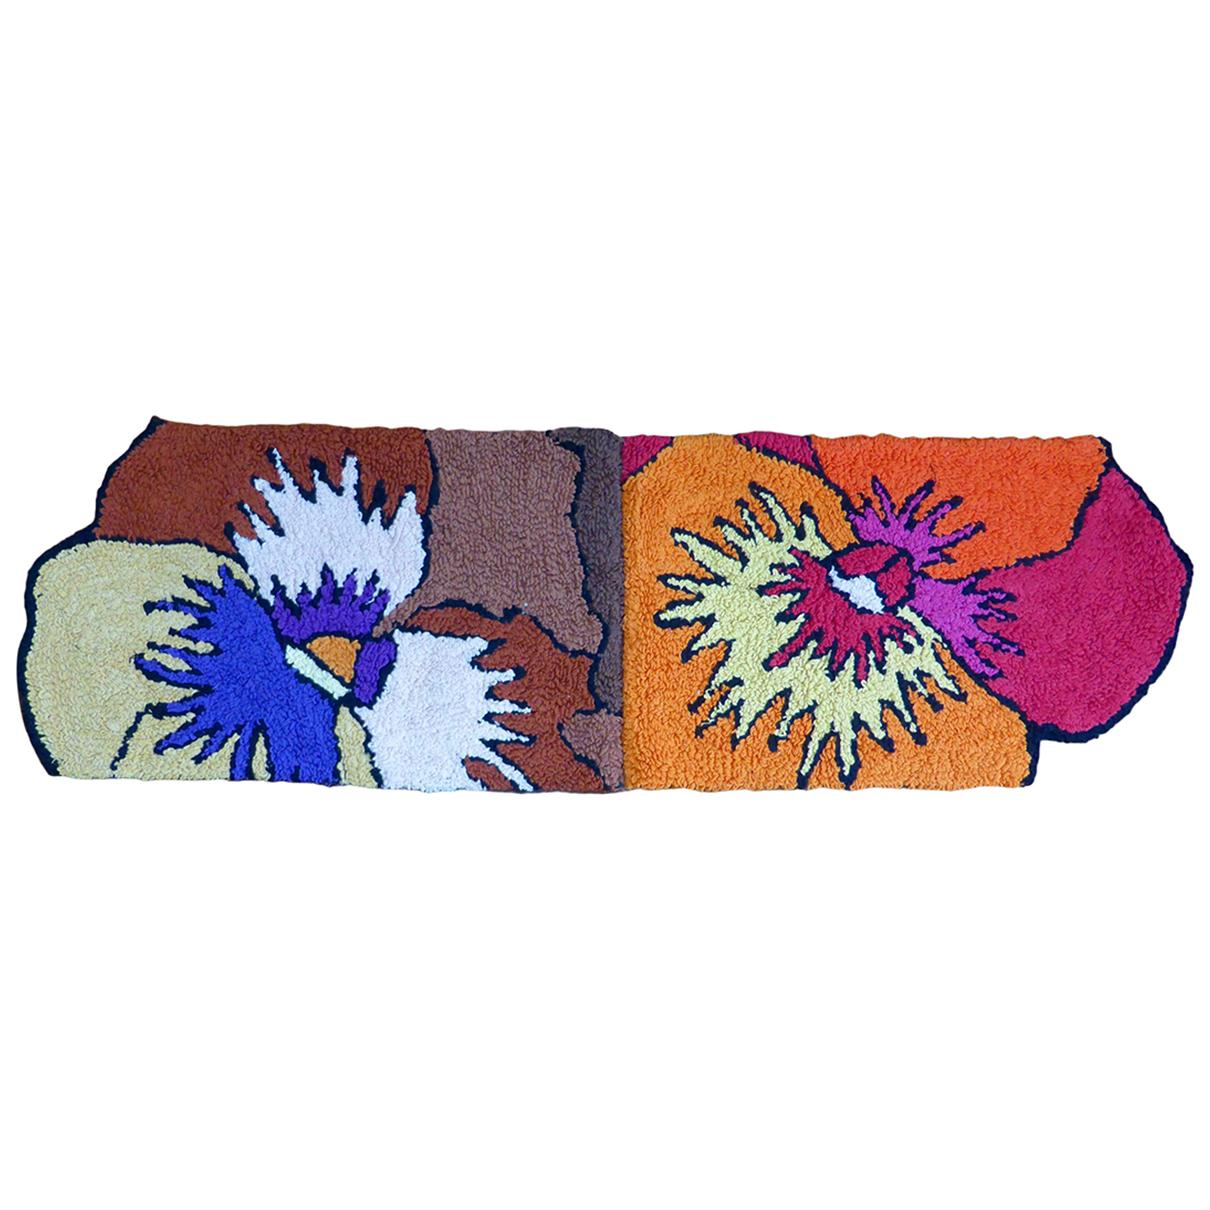 Missoni - Linge de maison   pour lifestyle en coton - elasthane - multicolore